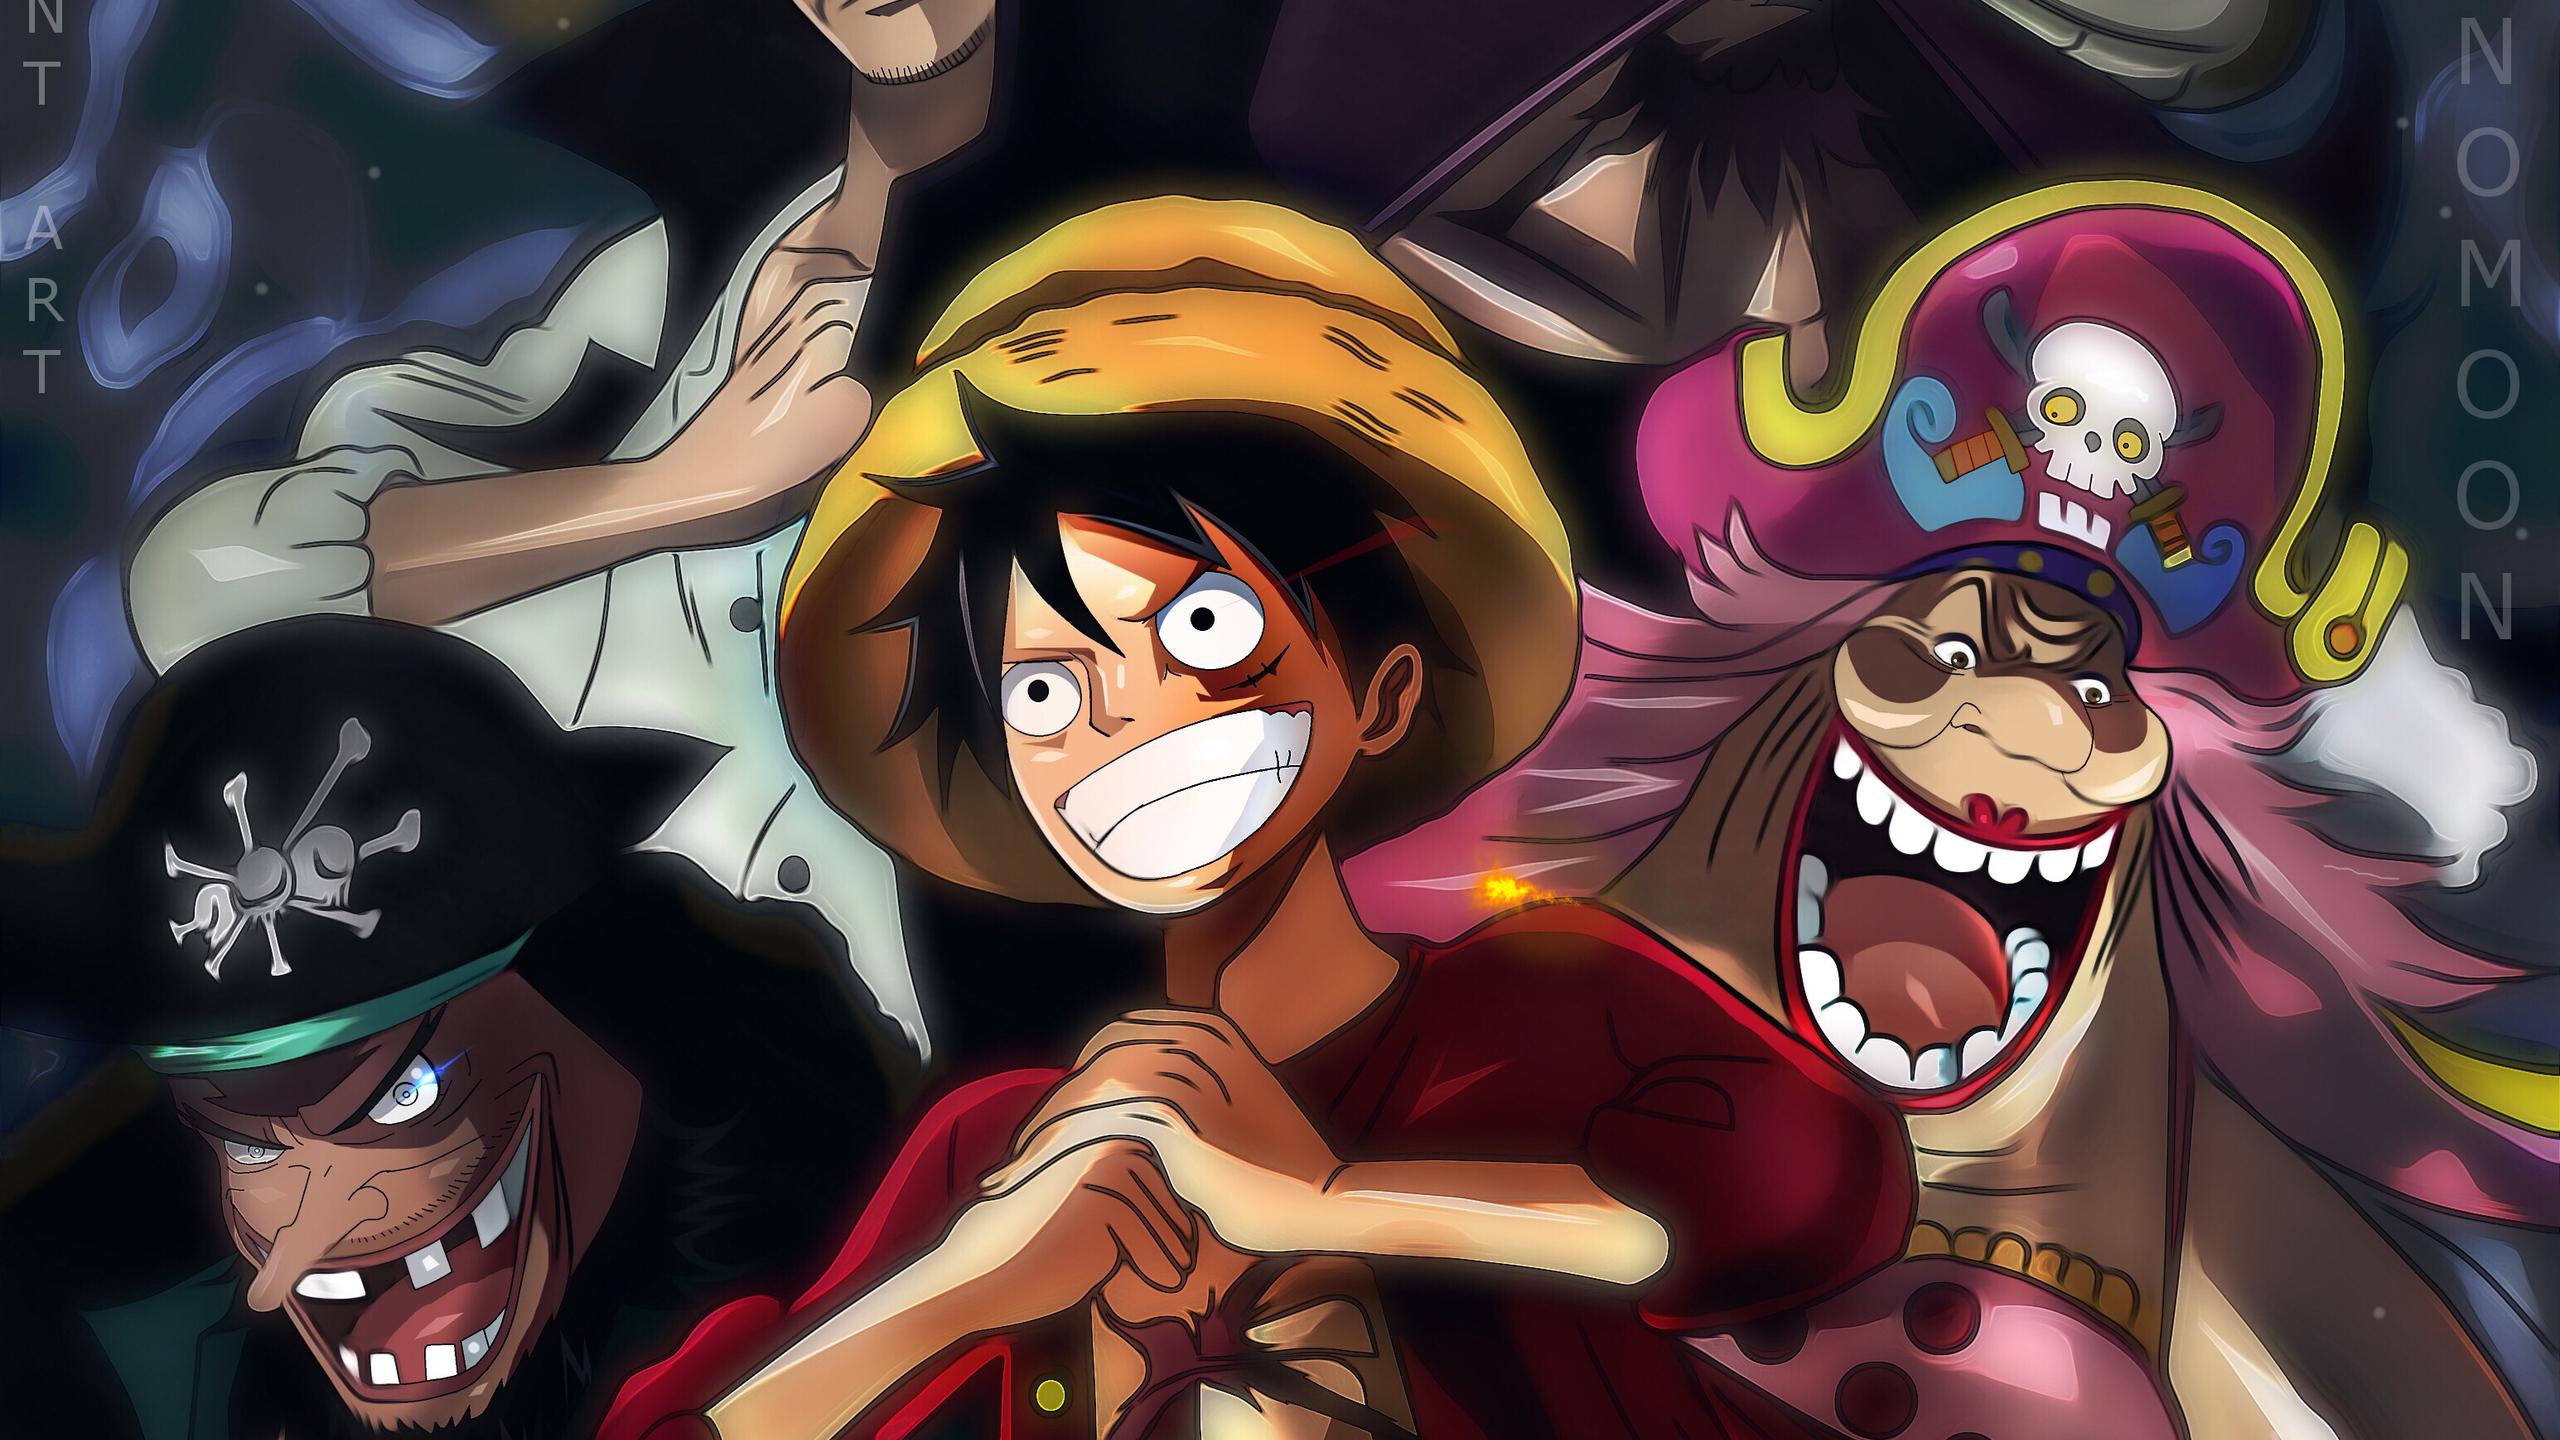 2560x1440 One Piece Charlotte Linlin Kaido Marshall D Teach